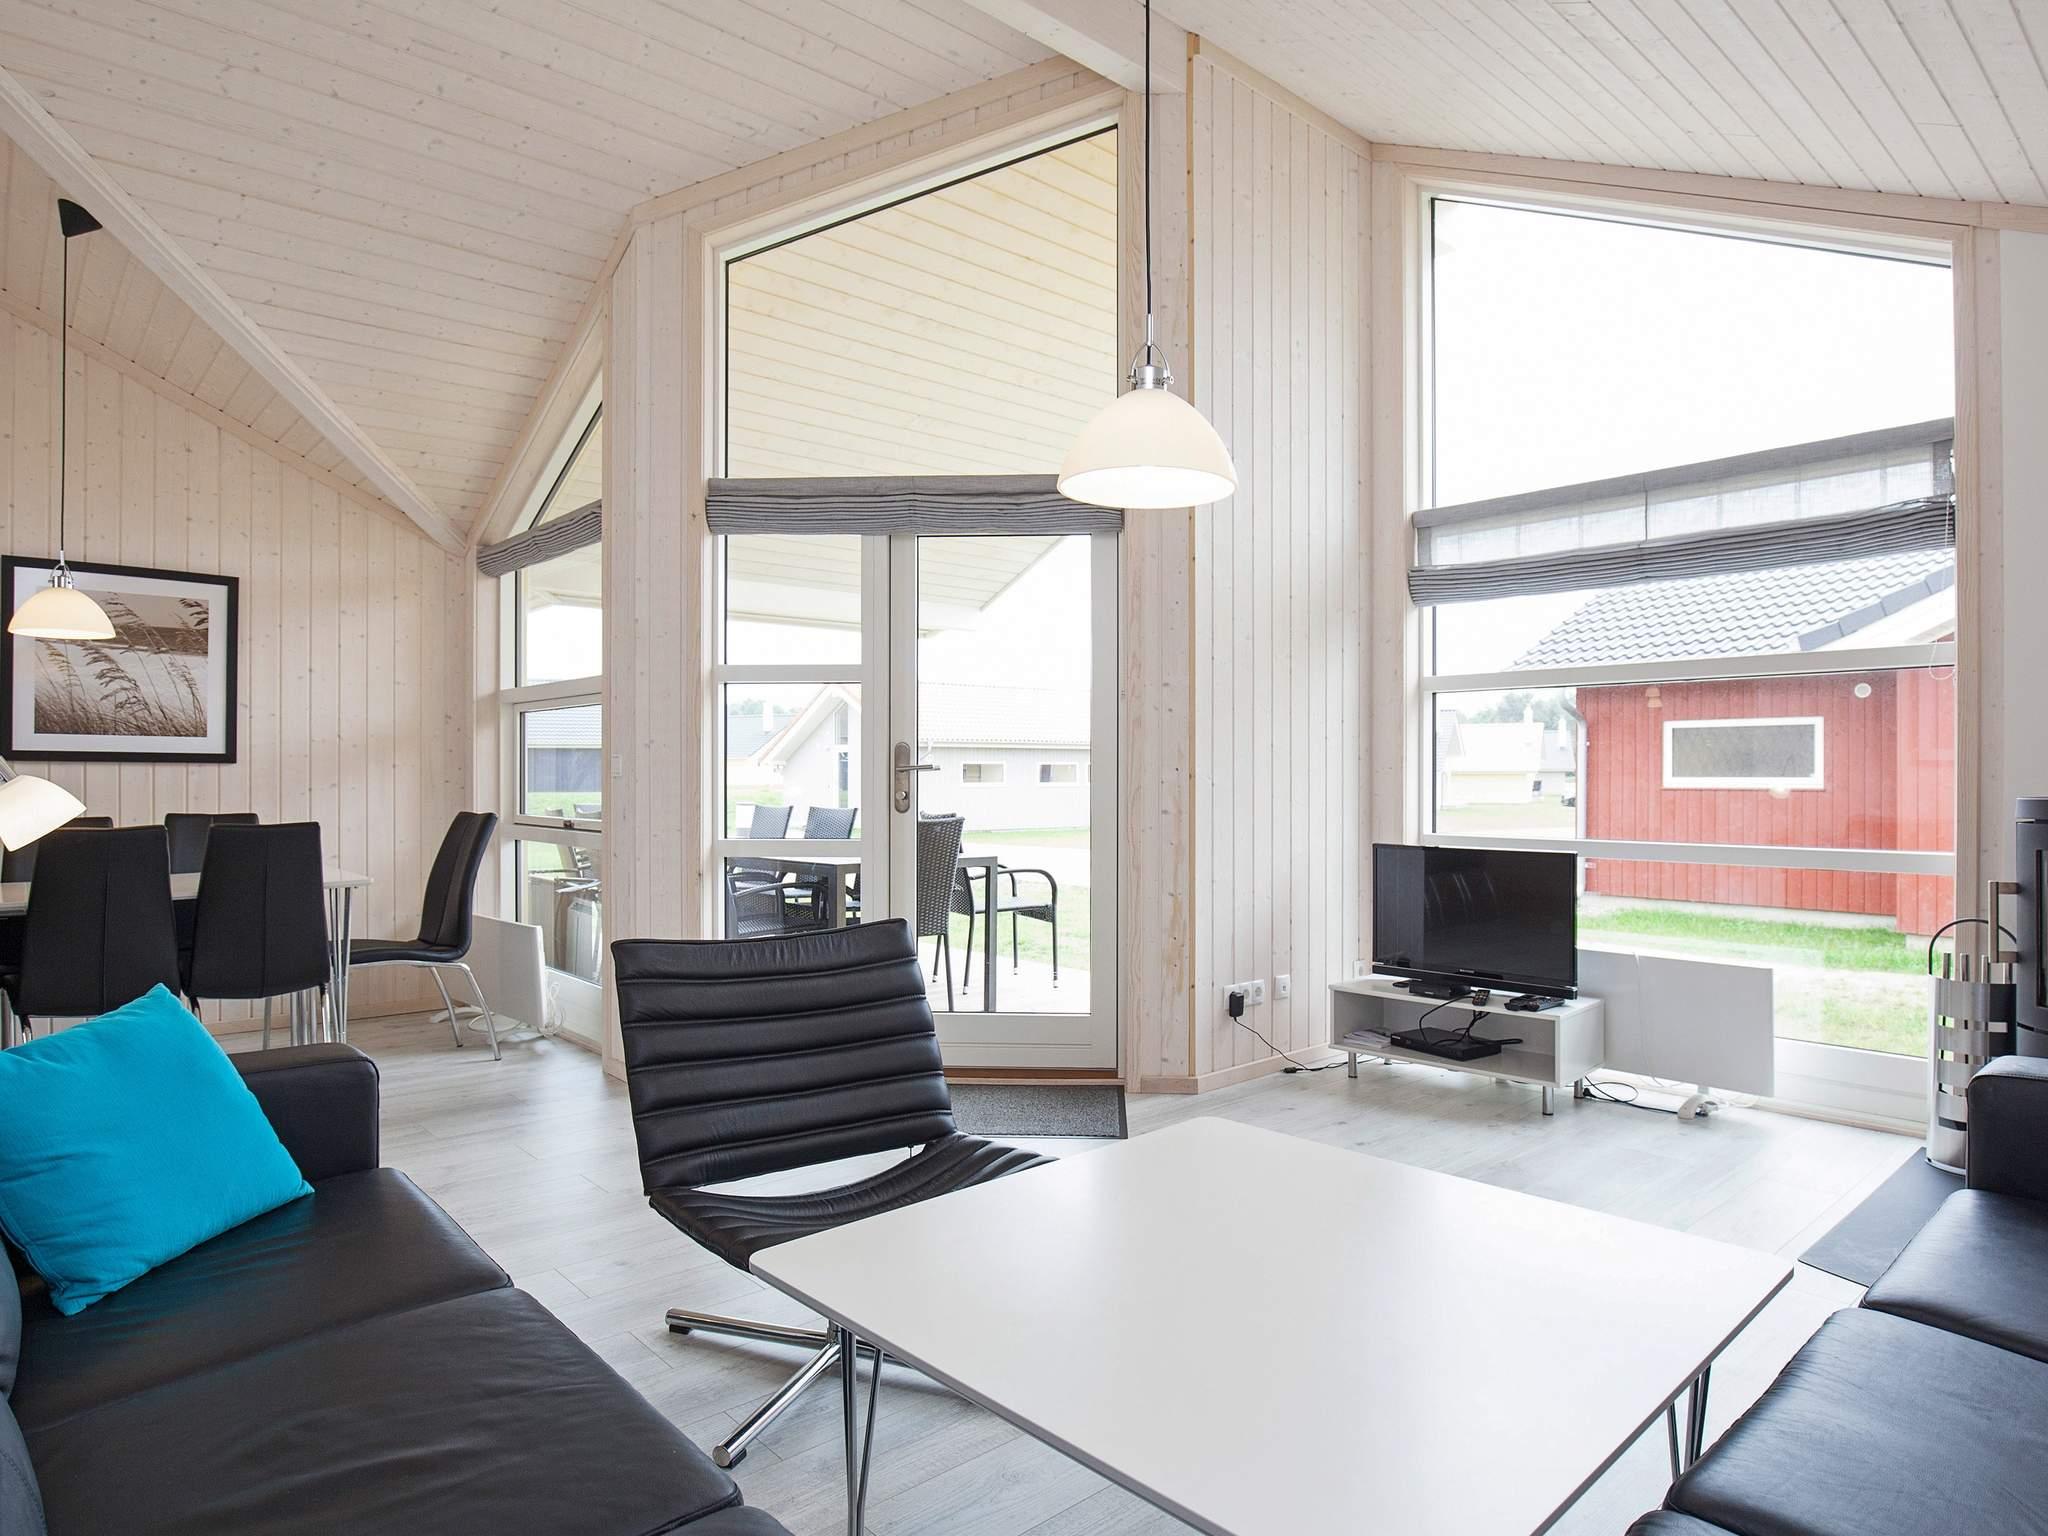 Ferienhaus Großenbrode (2355384), Großenbrode, Ostseespitze Wagrien, Schleswig-Holstein, Deutschland, Bild 5